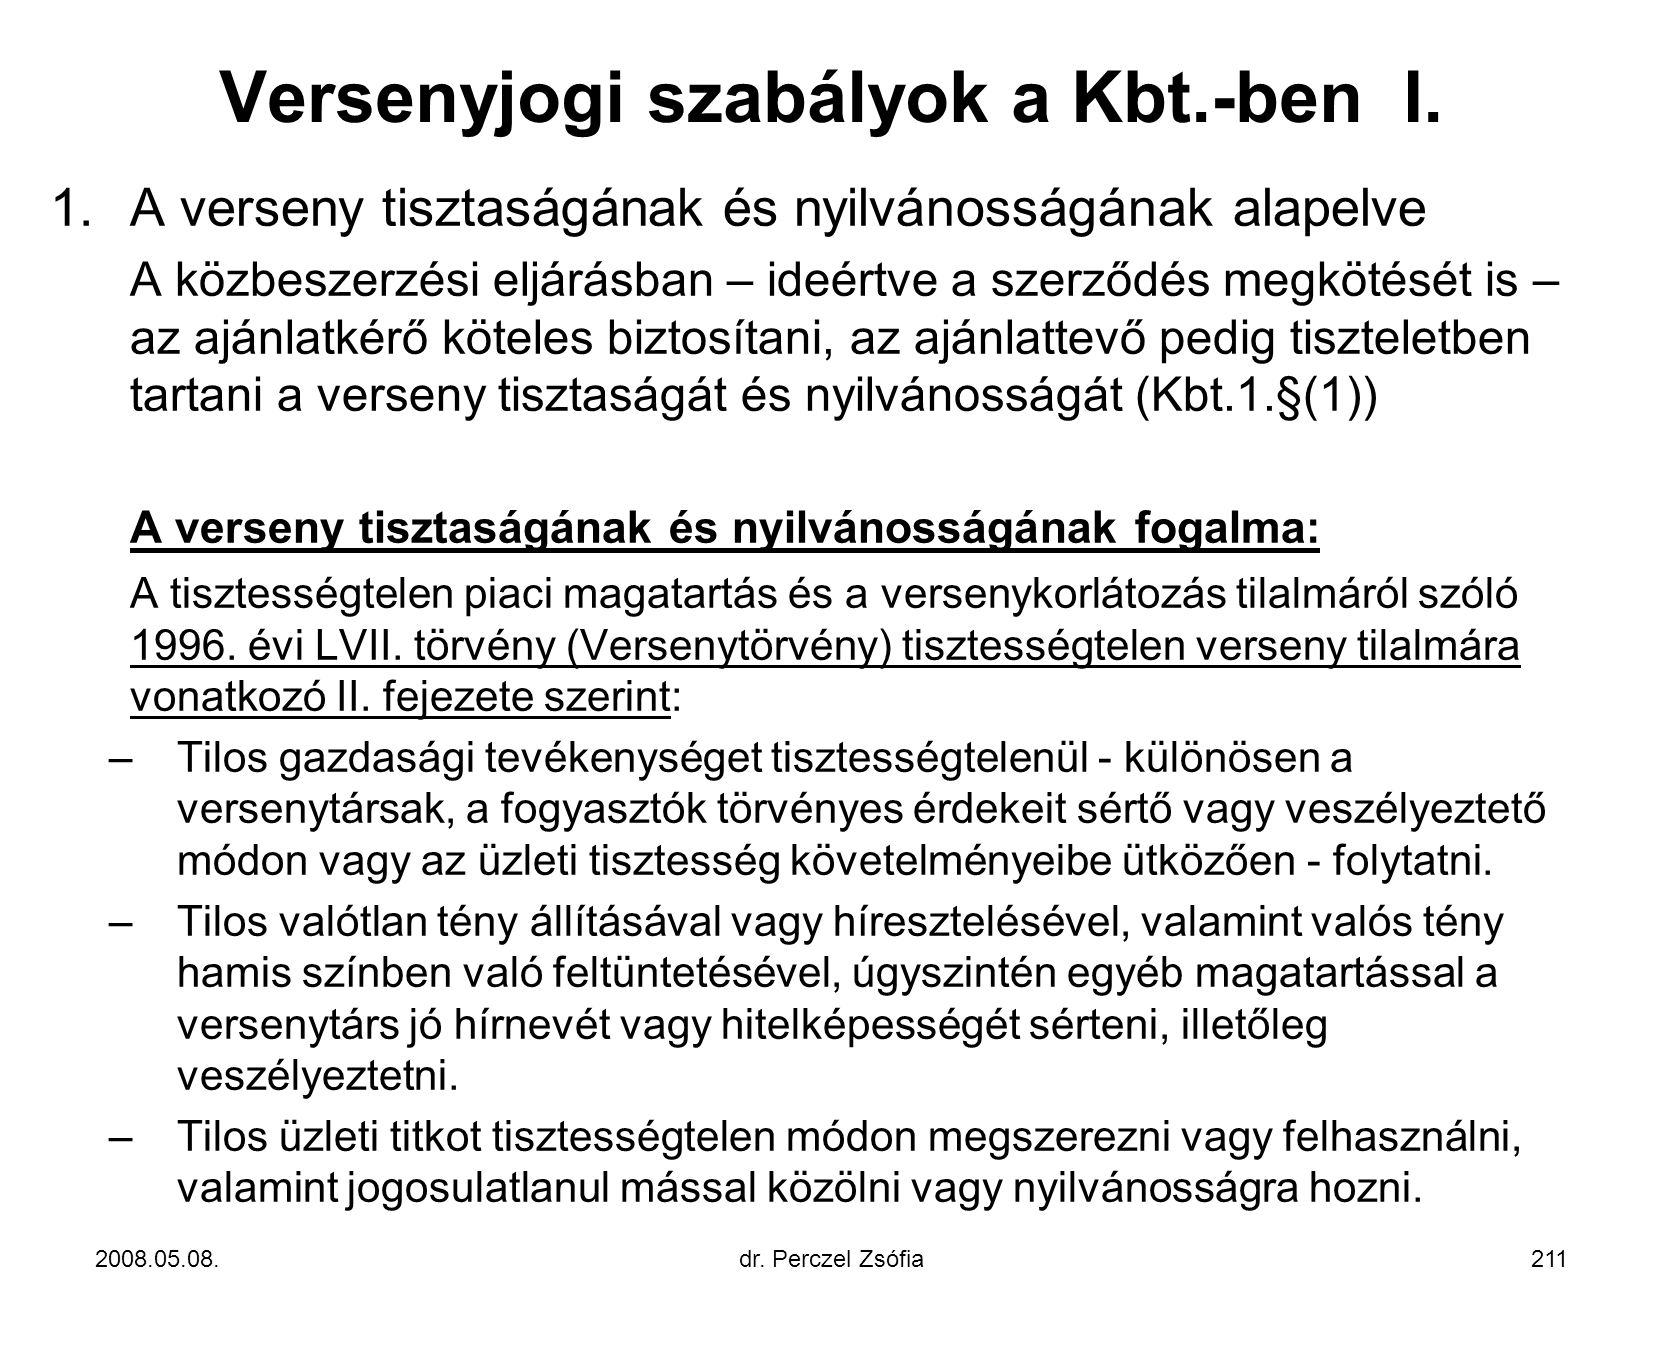 Versenyjogi szabályok a Kbt.-ben I.